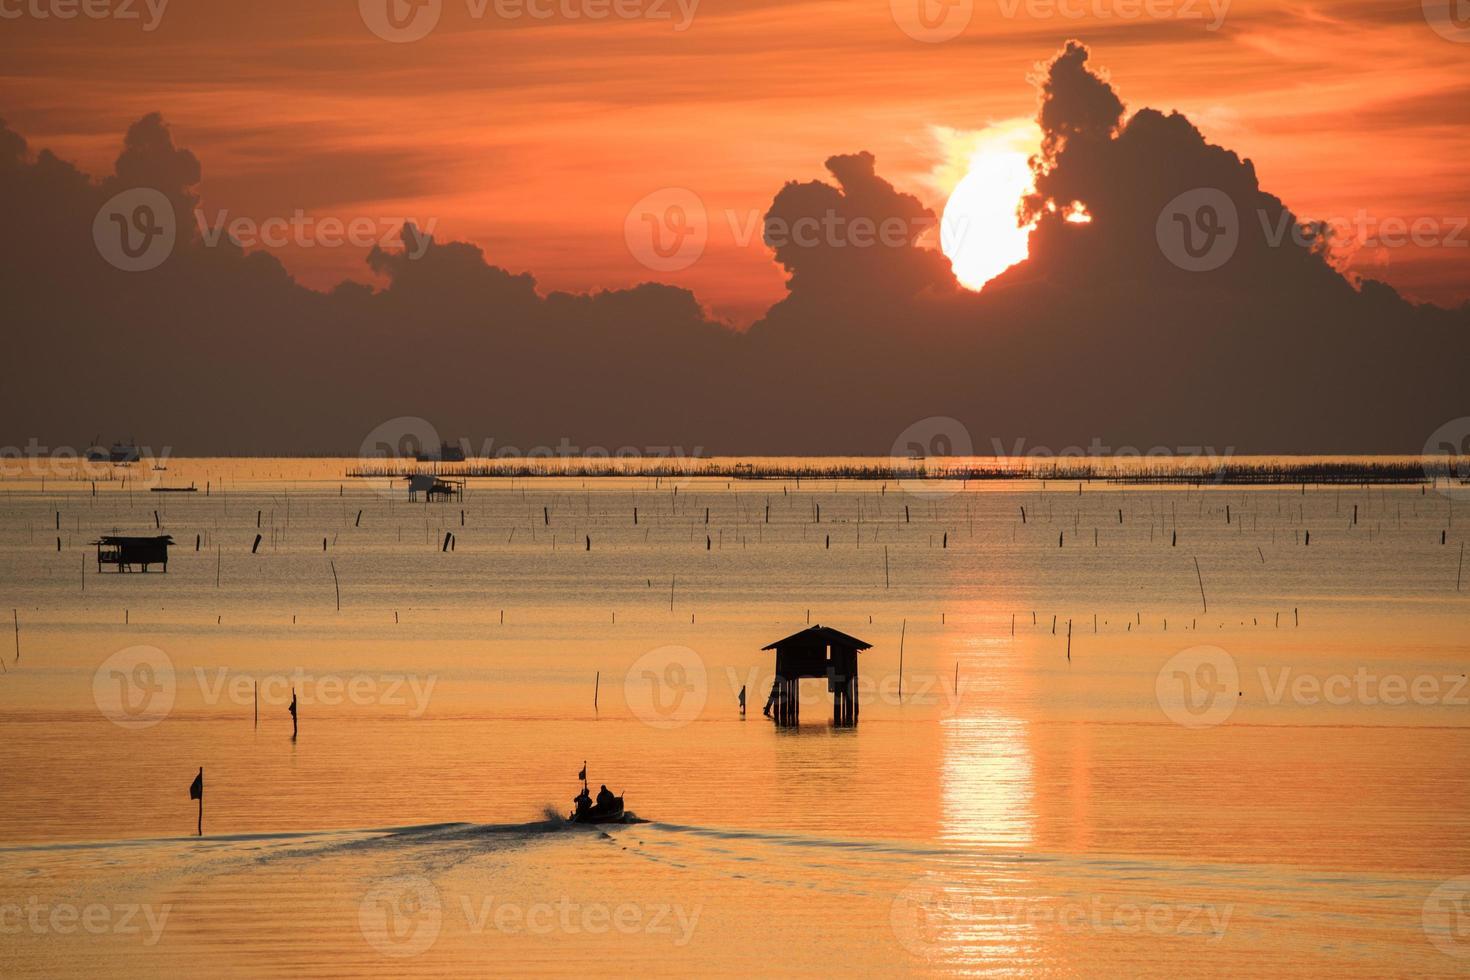 schwimmende Hütten im Wasser bei Sonnenuntergang foto